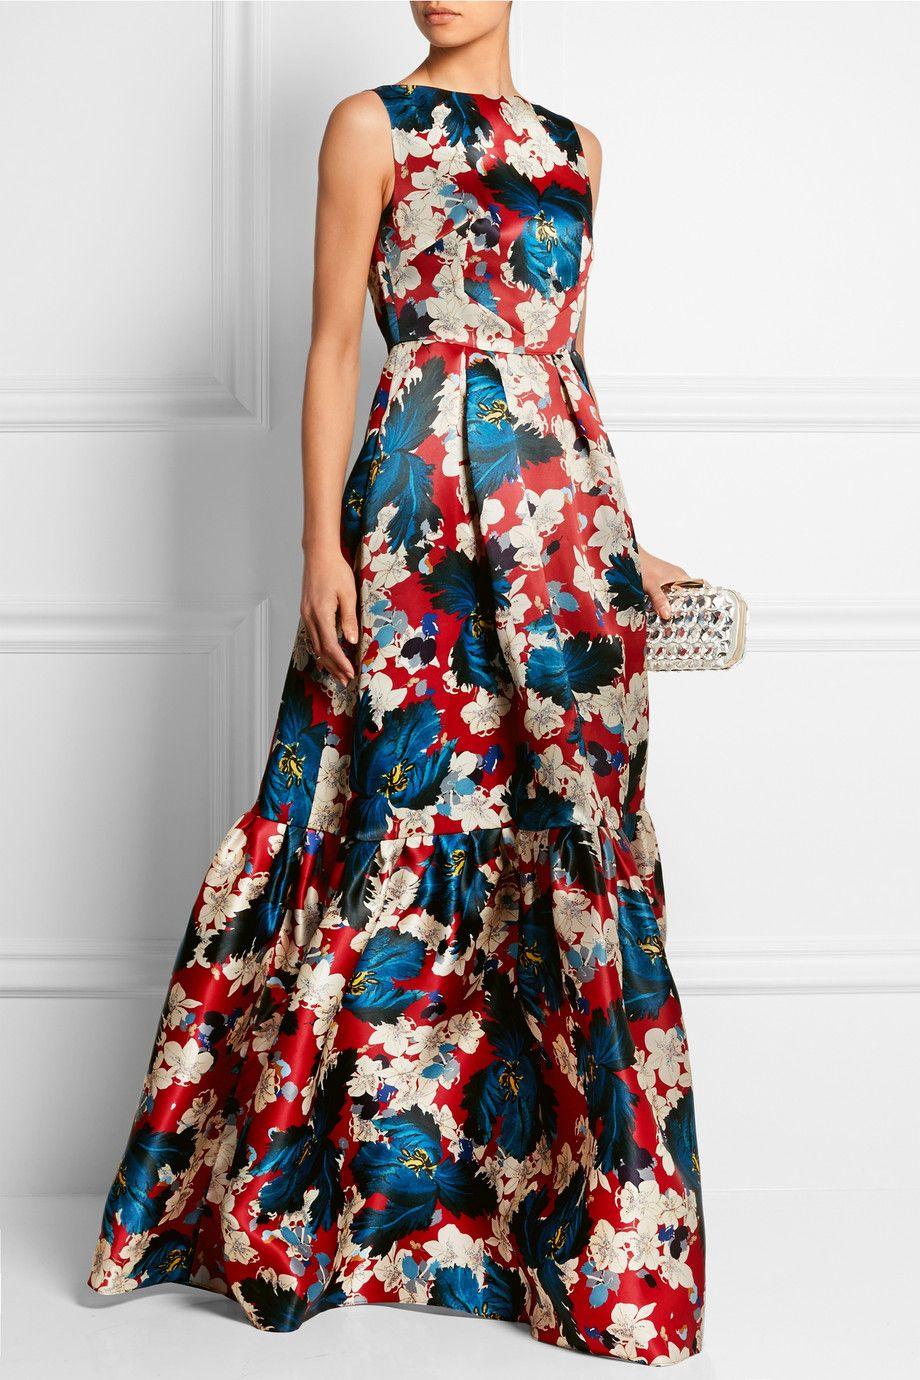 44f530b382526 Mucho color en los vestidos de fiesta estampados 2016. ¡Te encantarán!